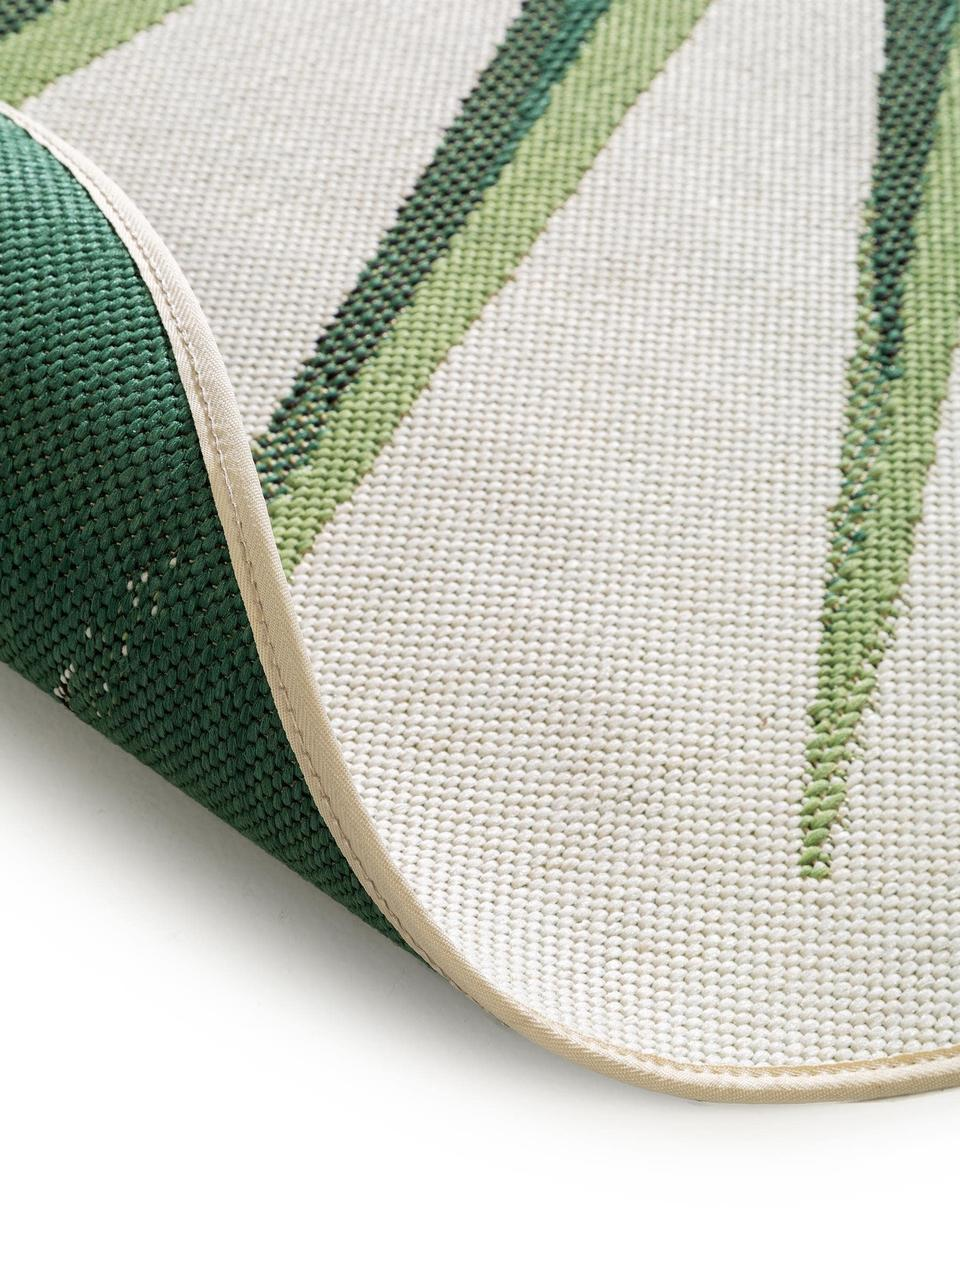 Runder In & Outdoor-Teppich Capri mit Blattmotiv, 100% Polypropylen, Grün, Beige, Ø 160 cm (Größe L)